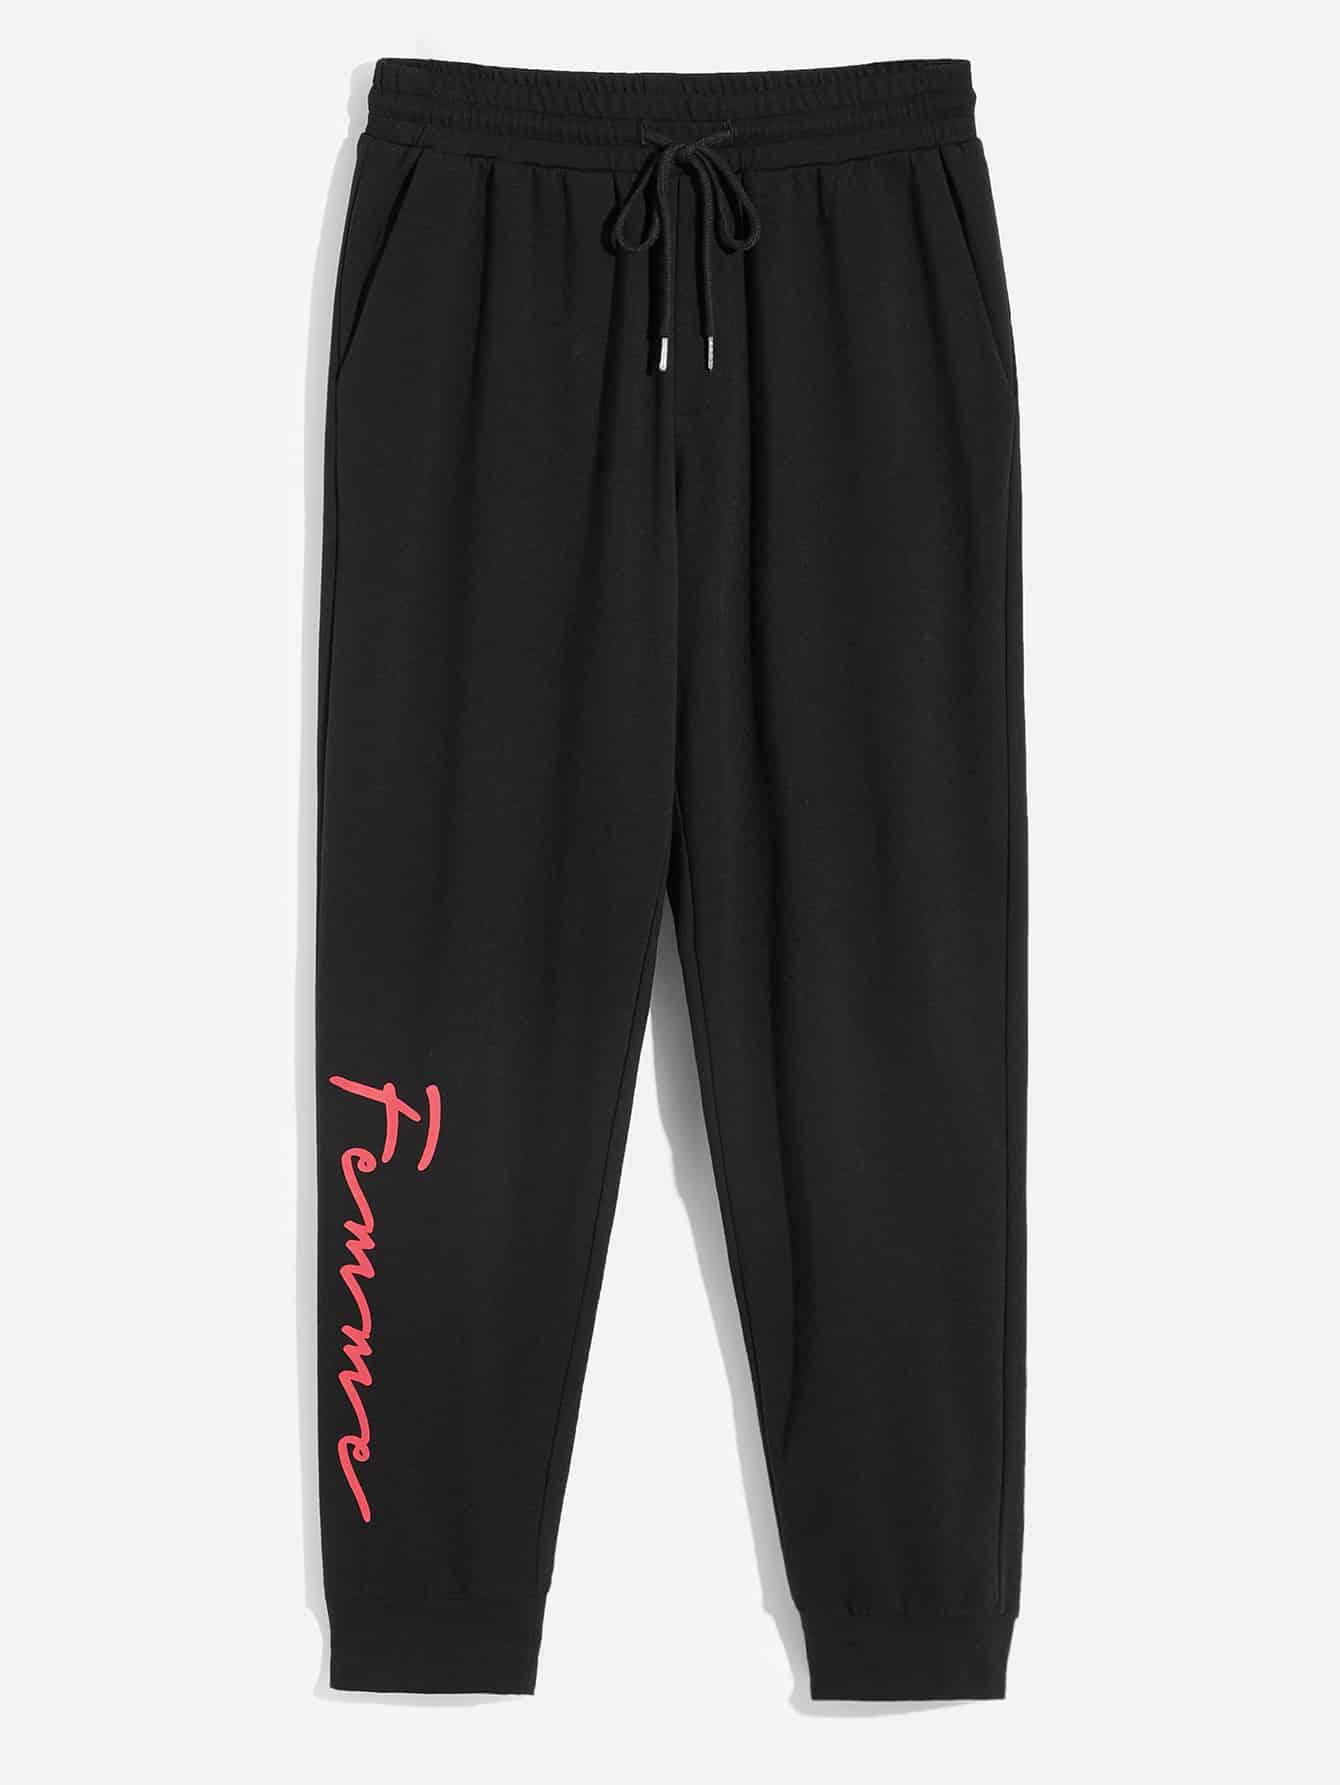 Купить Мужские брюки с текстовым принтом и кулиской, null, SheIn